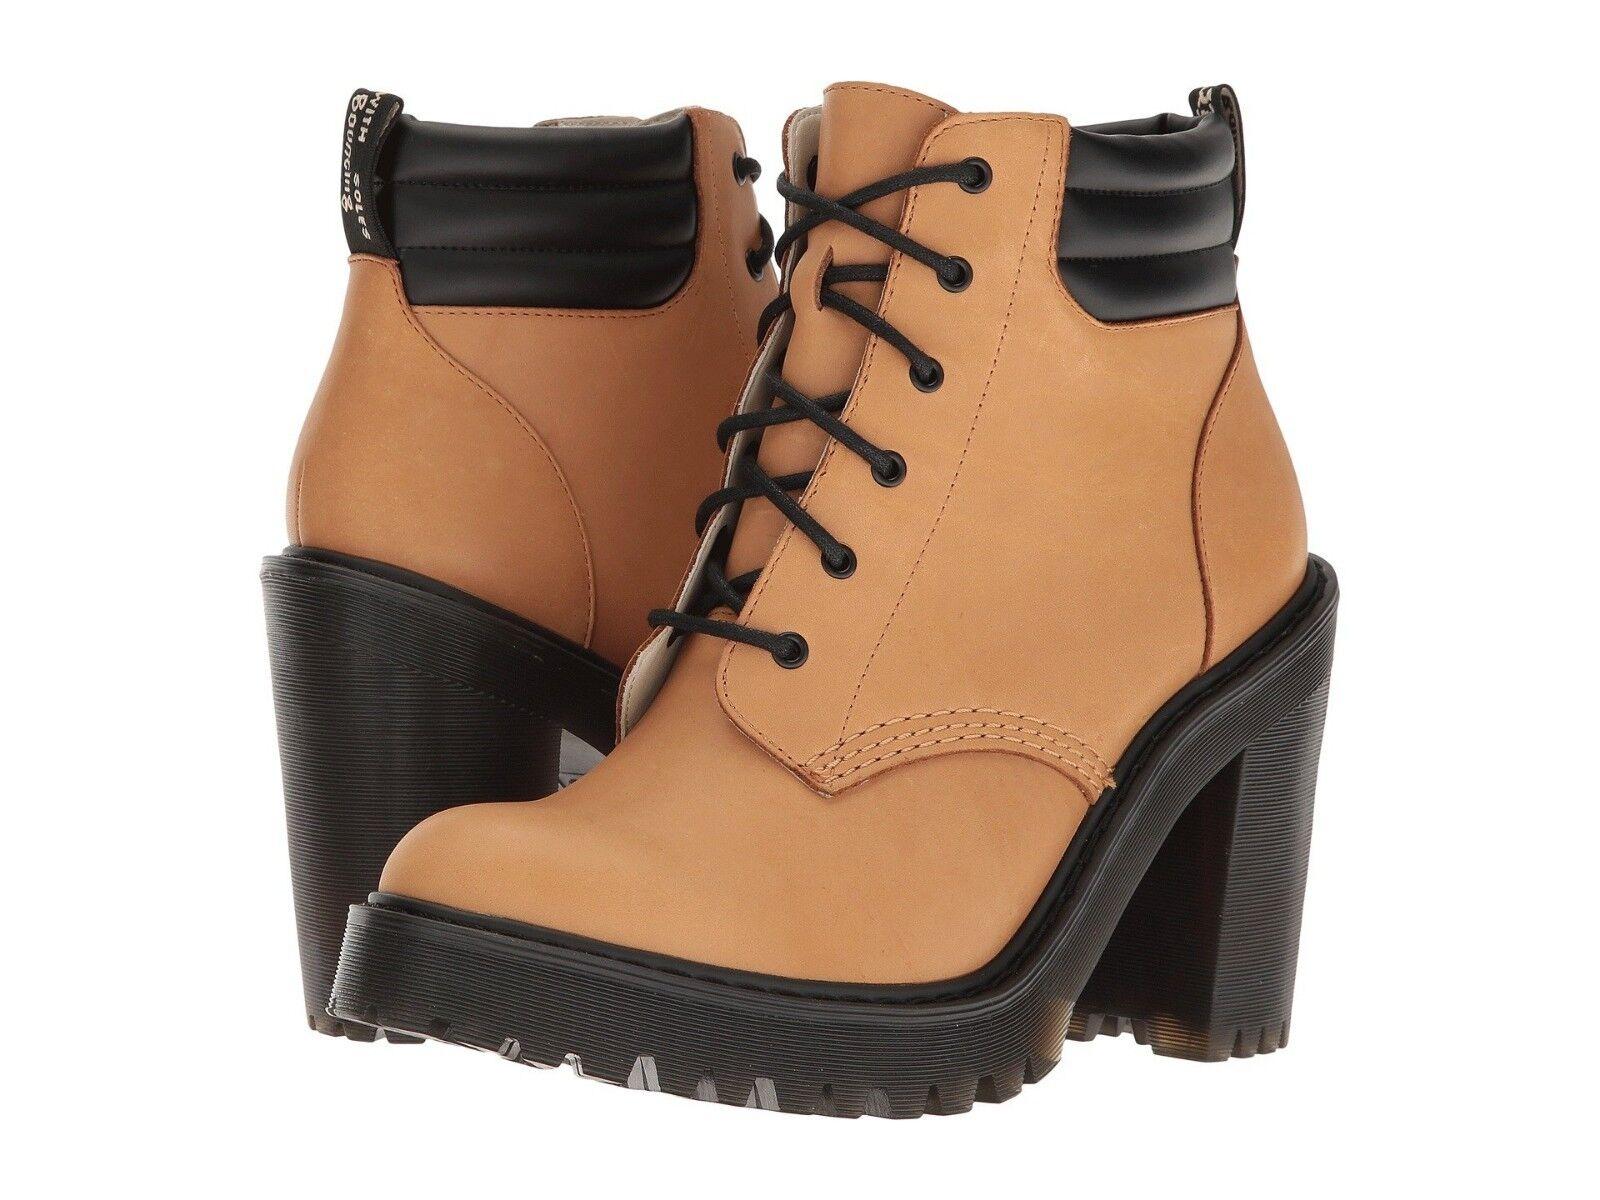 Dr. Martens Persephone Persephone Persephone botas talla 8  barato y de moda